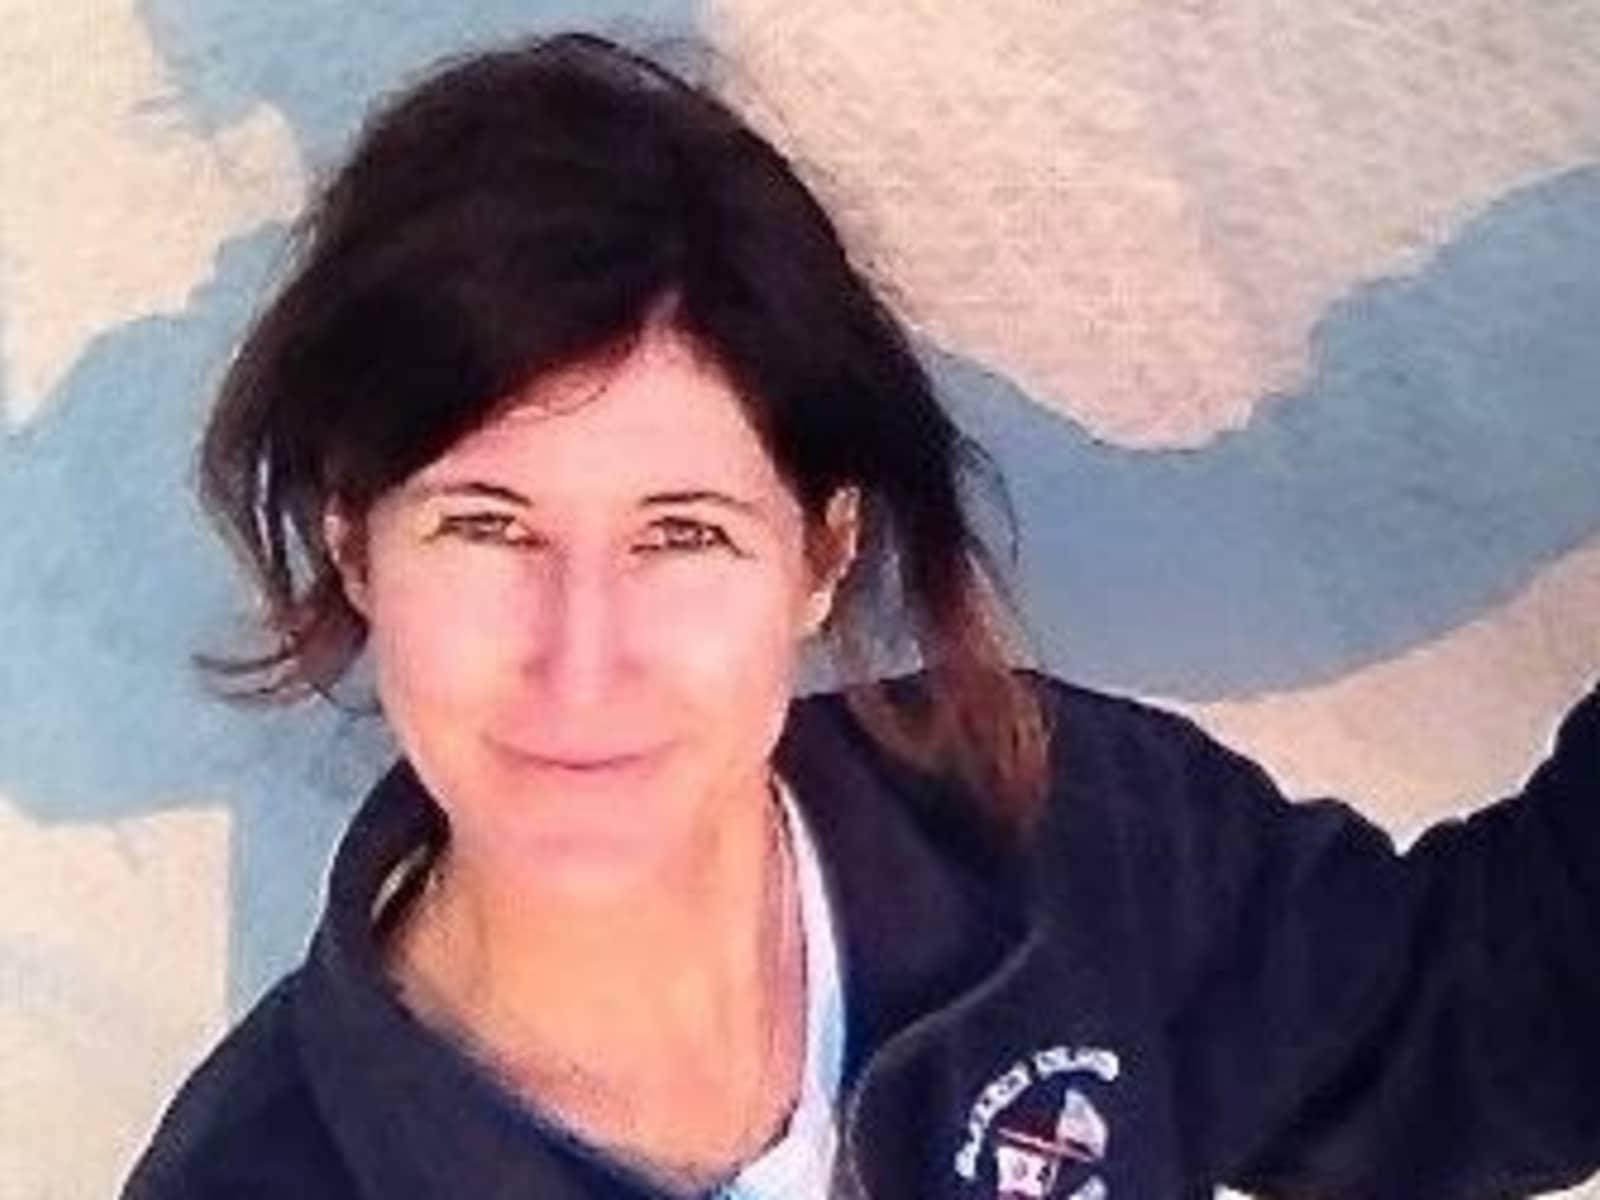 Laetitia from Dubai, United Arab Emirates